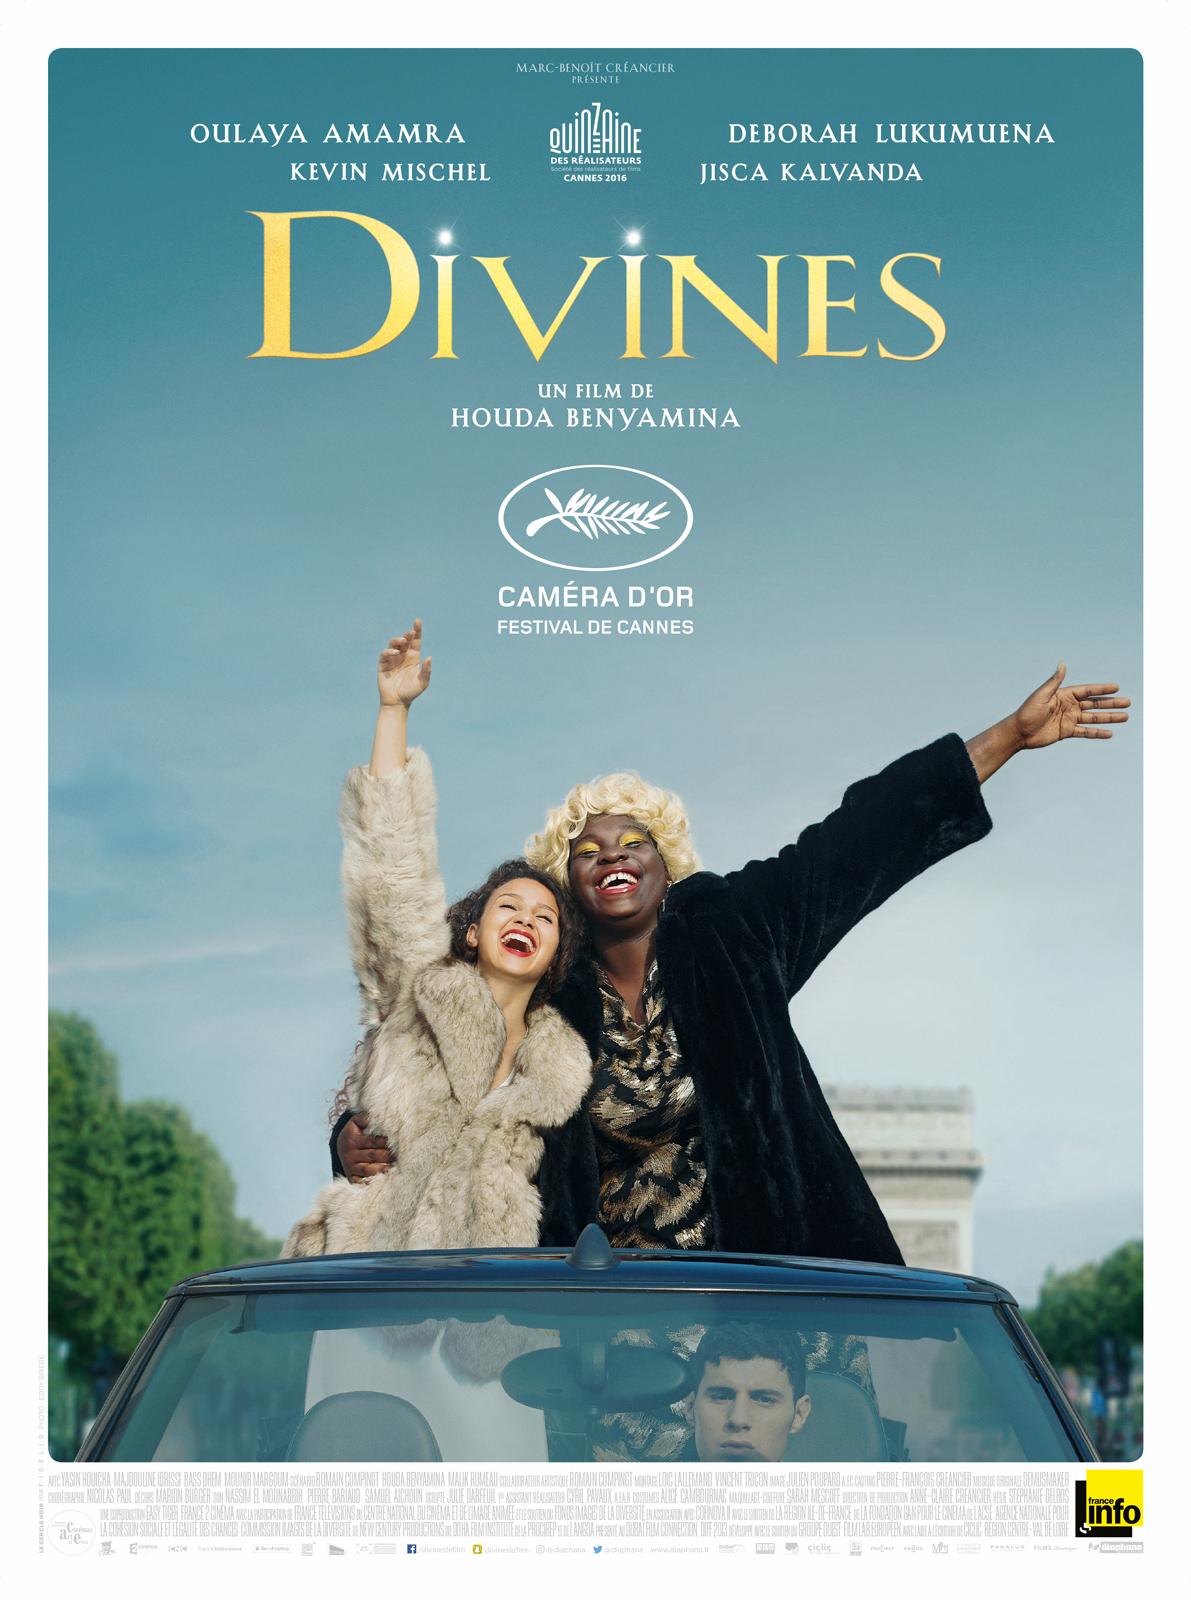 affiche-divine-film